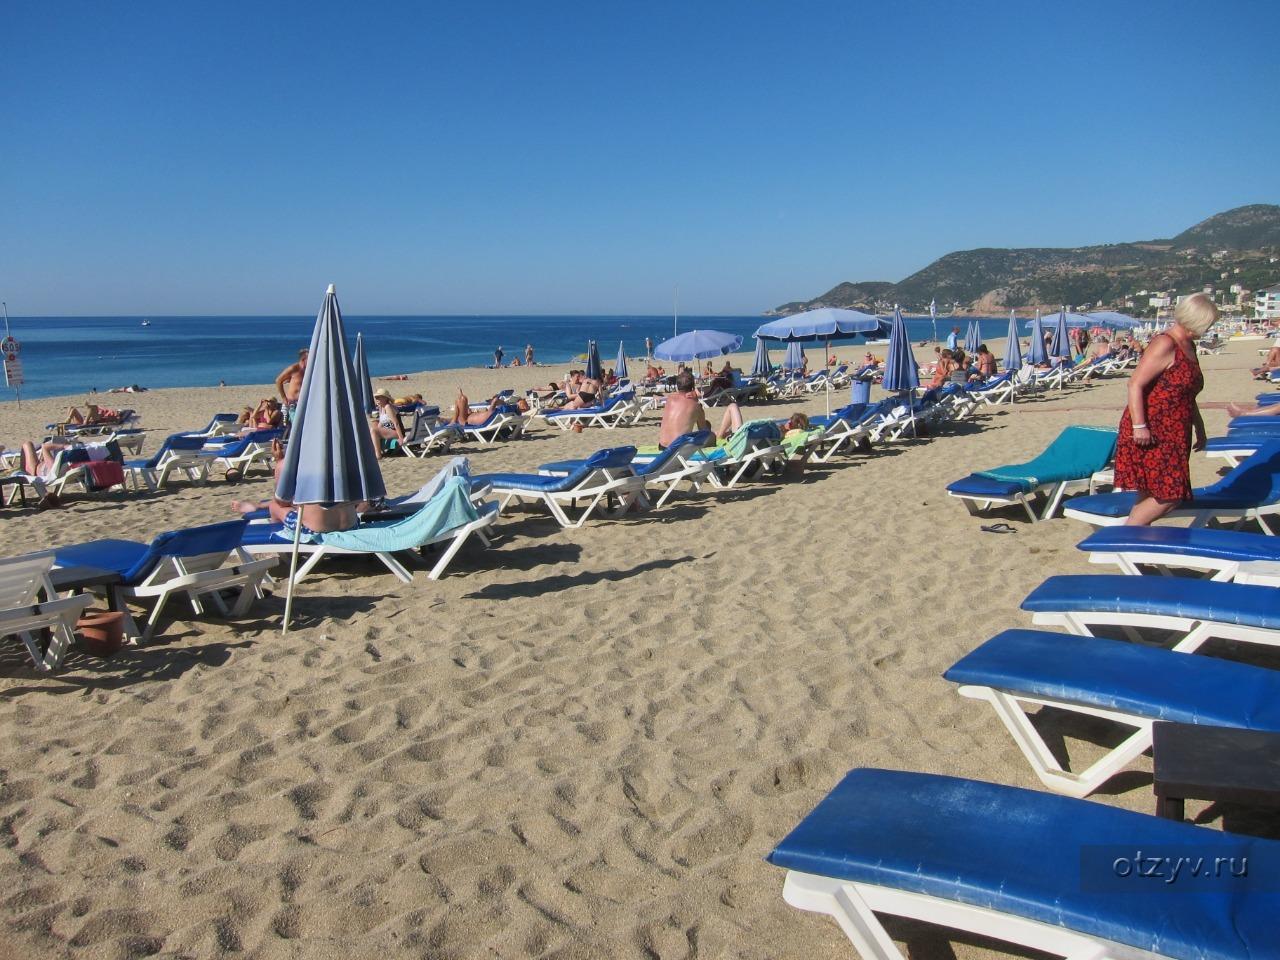 аланья турция фото пляжей и набережной косули зайдите сайт